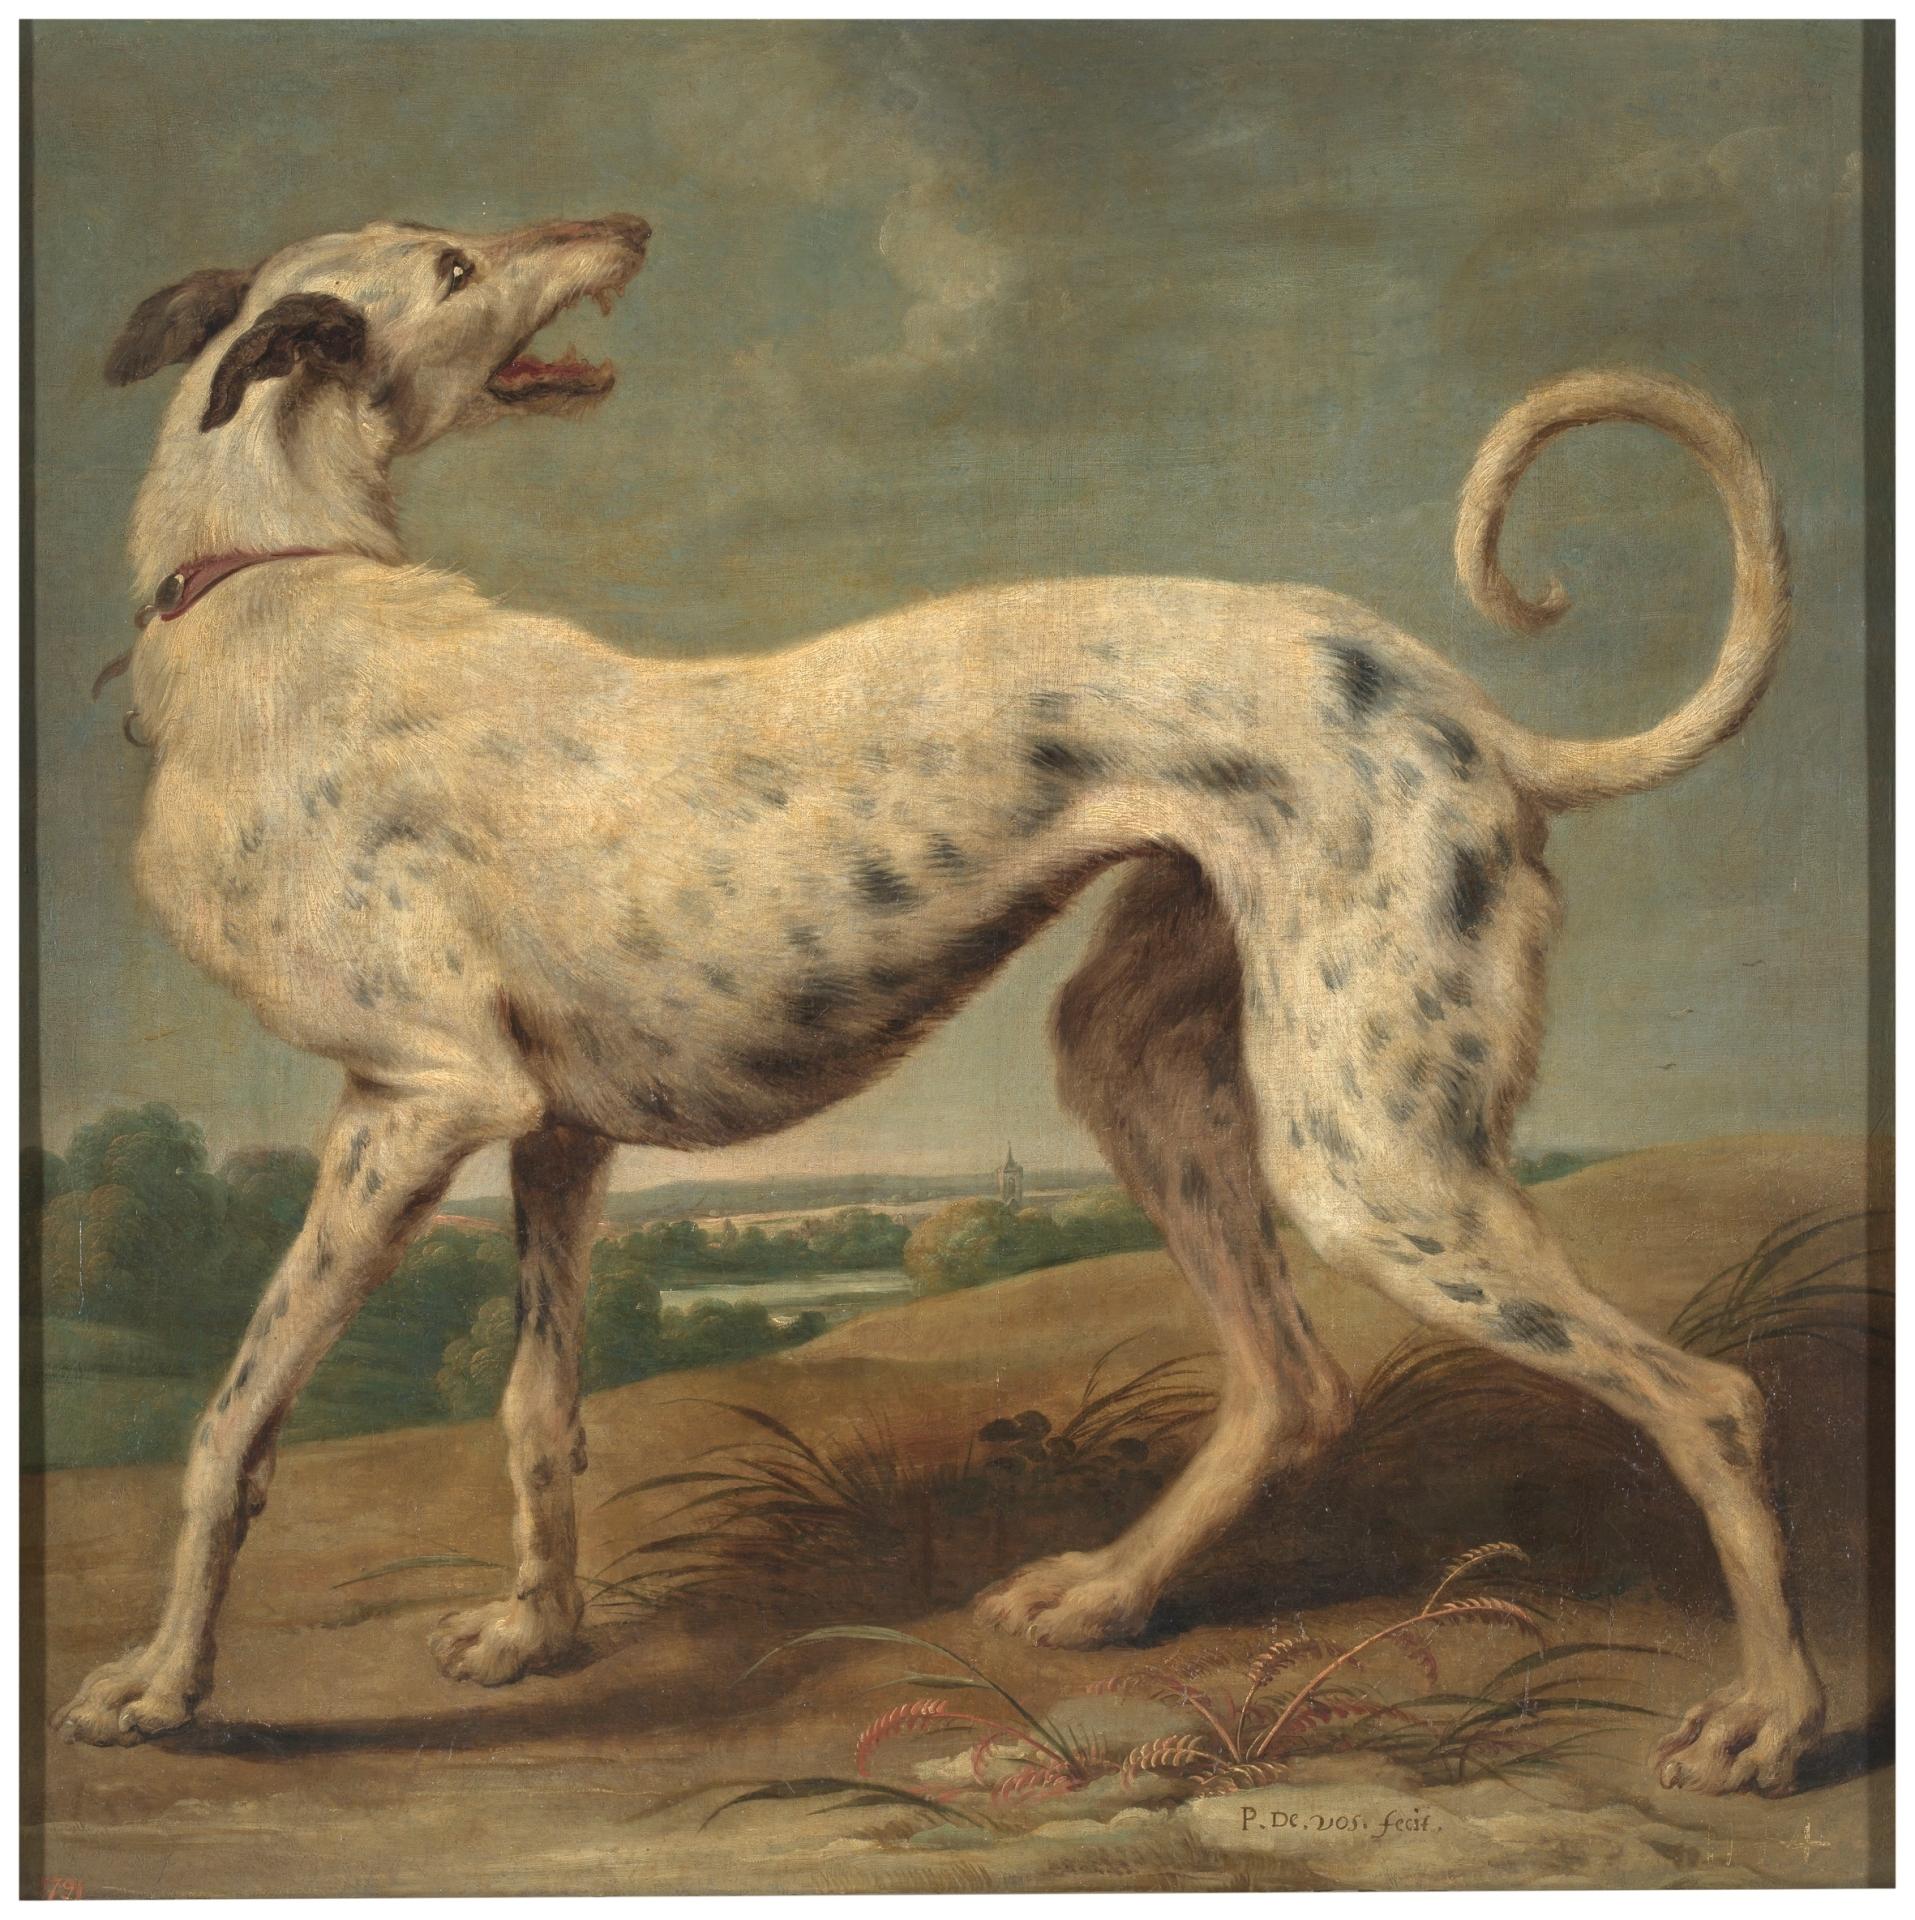 Un galgo blanco - Colección - Museo Nacional del Prado